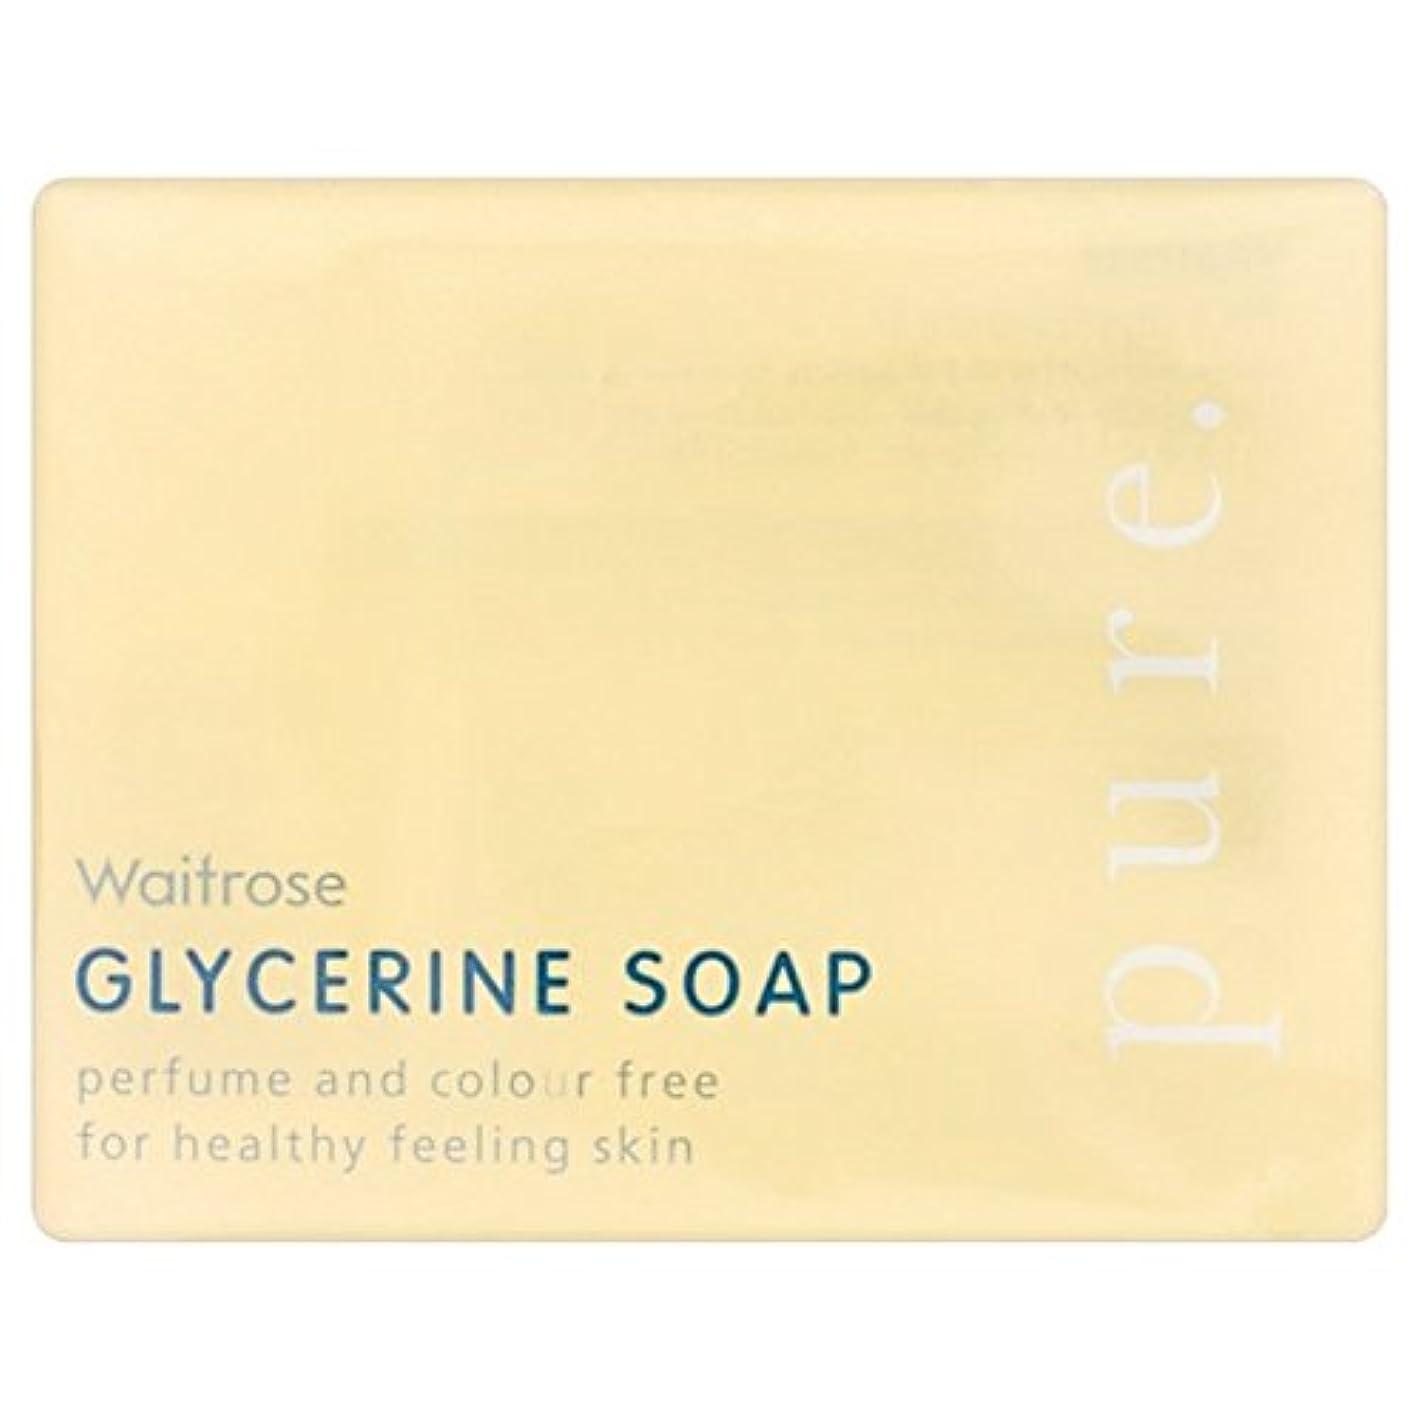 試験着実にレンズPure Glycerine Soap Waitrose 100g (Pack of 6) - 純粋なグリセリンソープウェイトローズの100グラム x6 [並行輸入品]